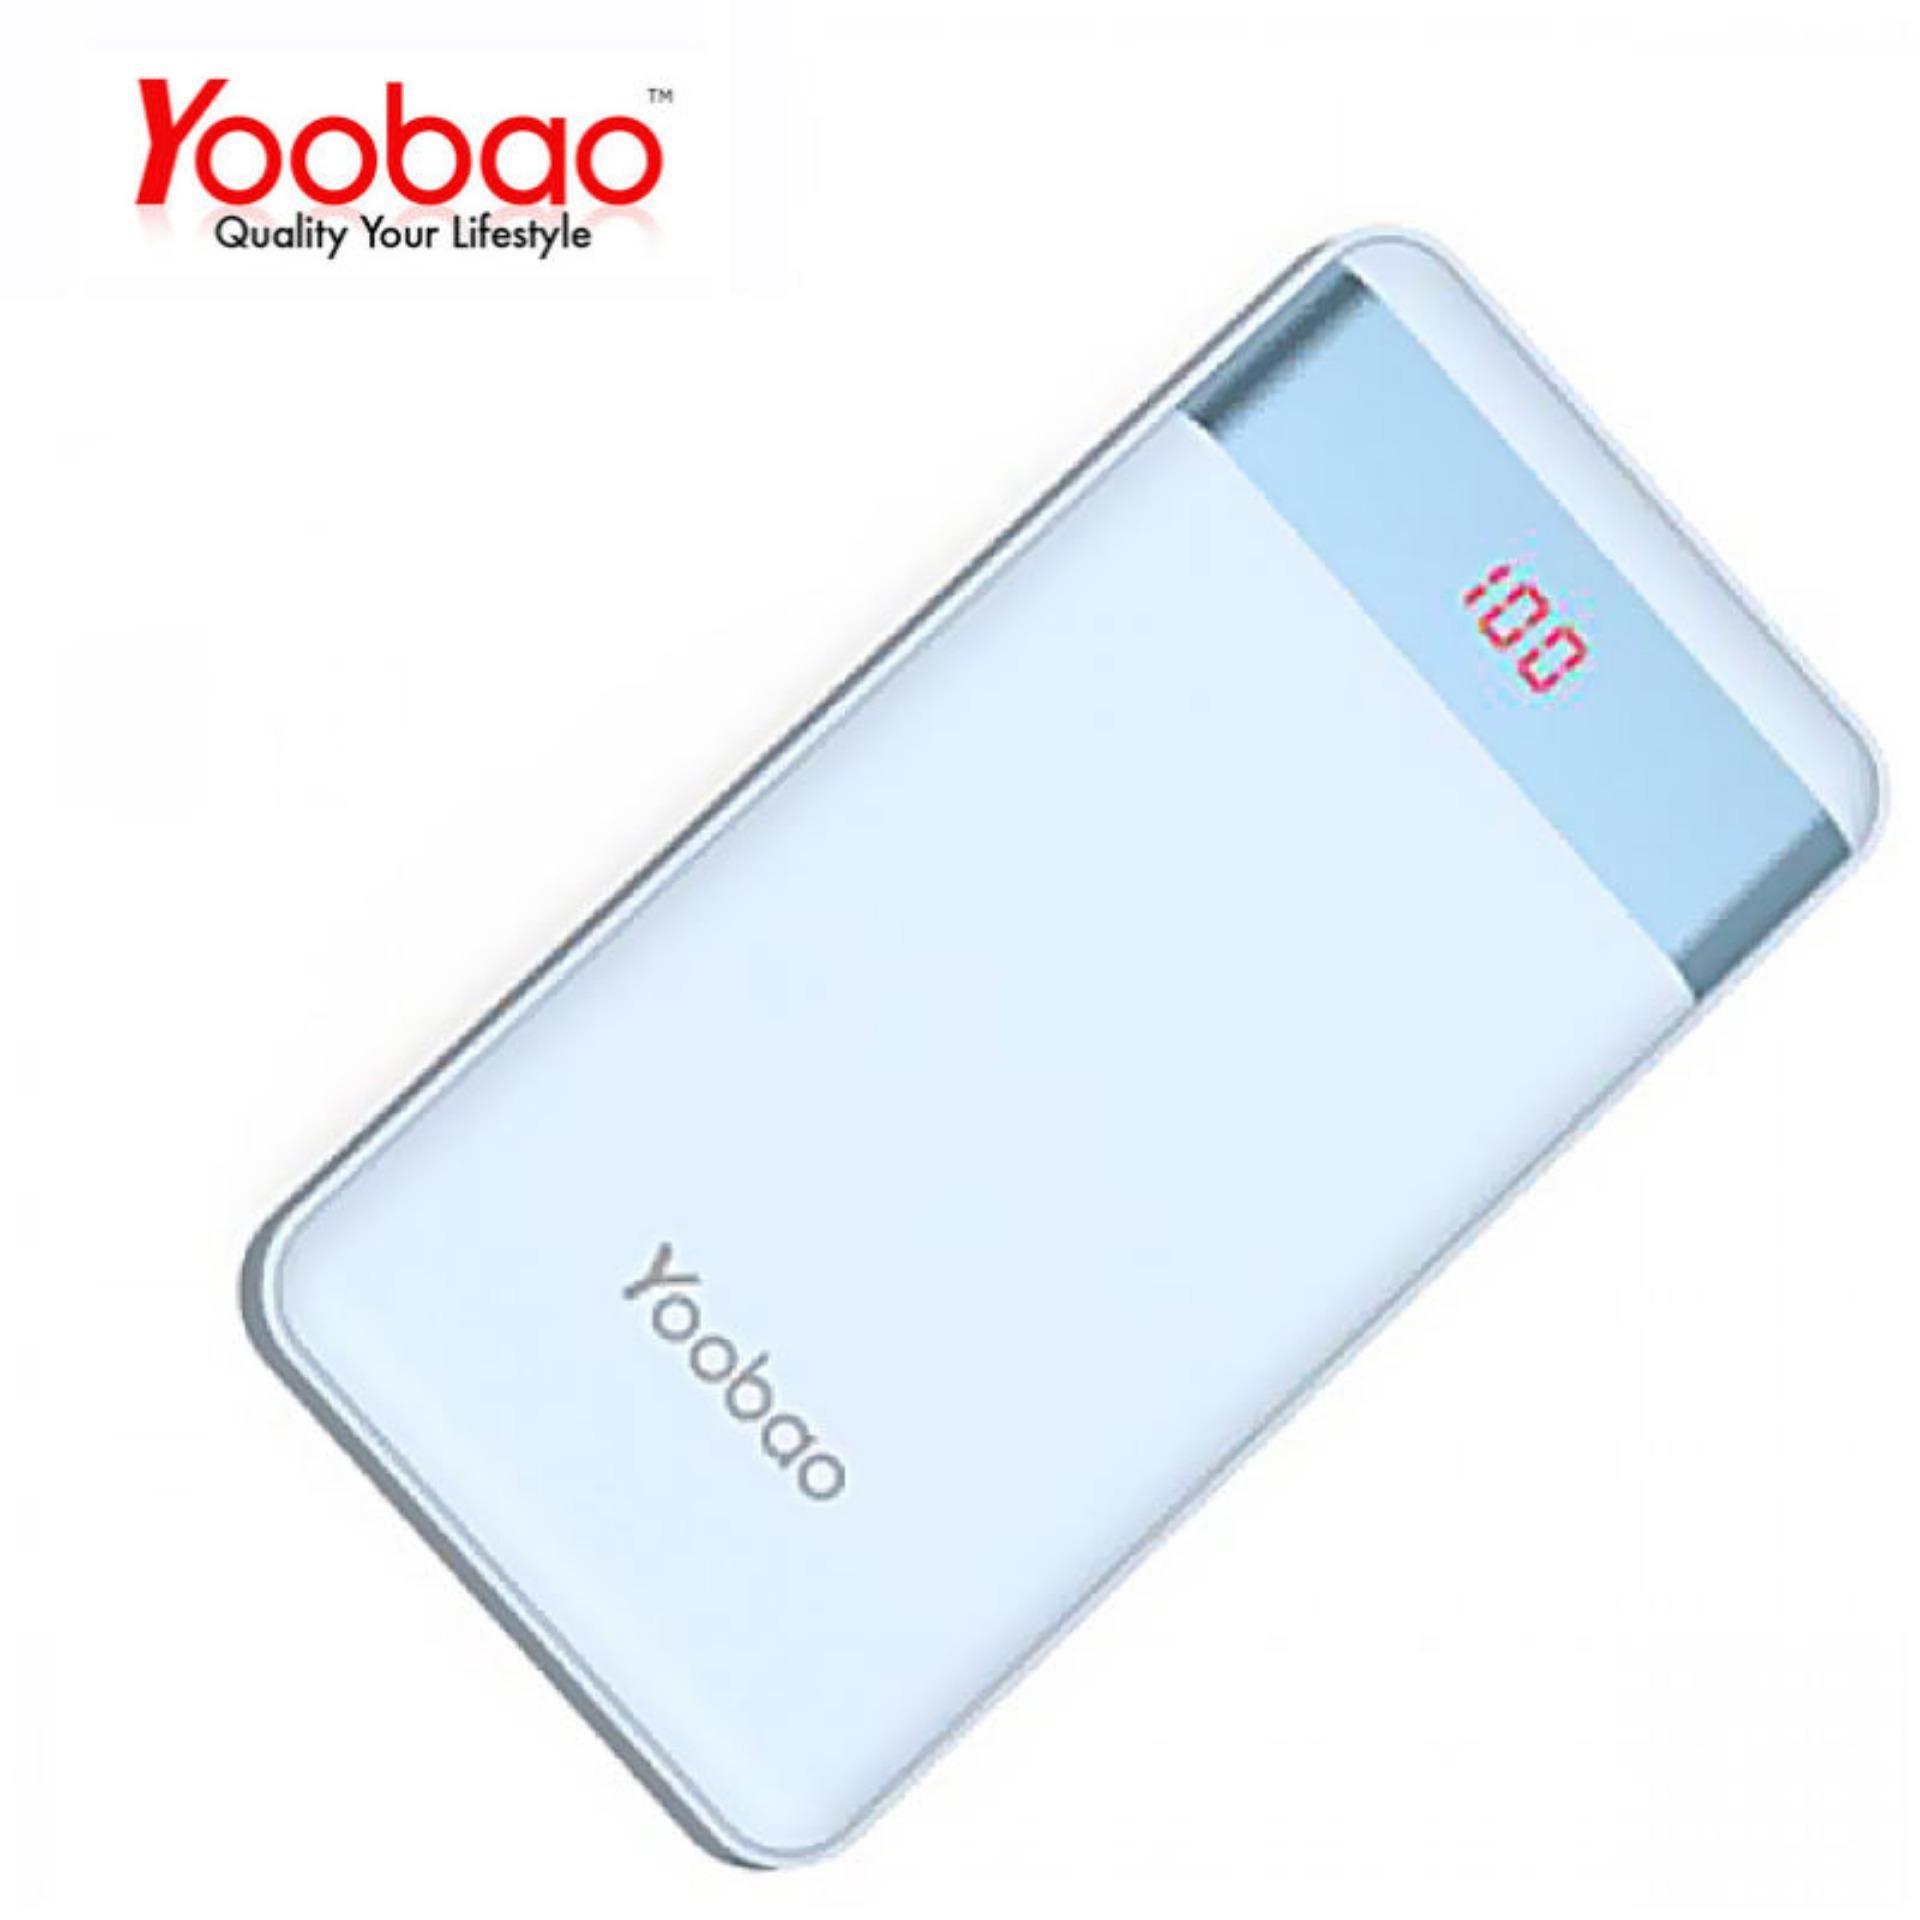 Pin Sạc Dự Phòng yoobao 12000mAh PL12Pro có LED hiển thị phần trăm - Hãng phân phối chính thức